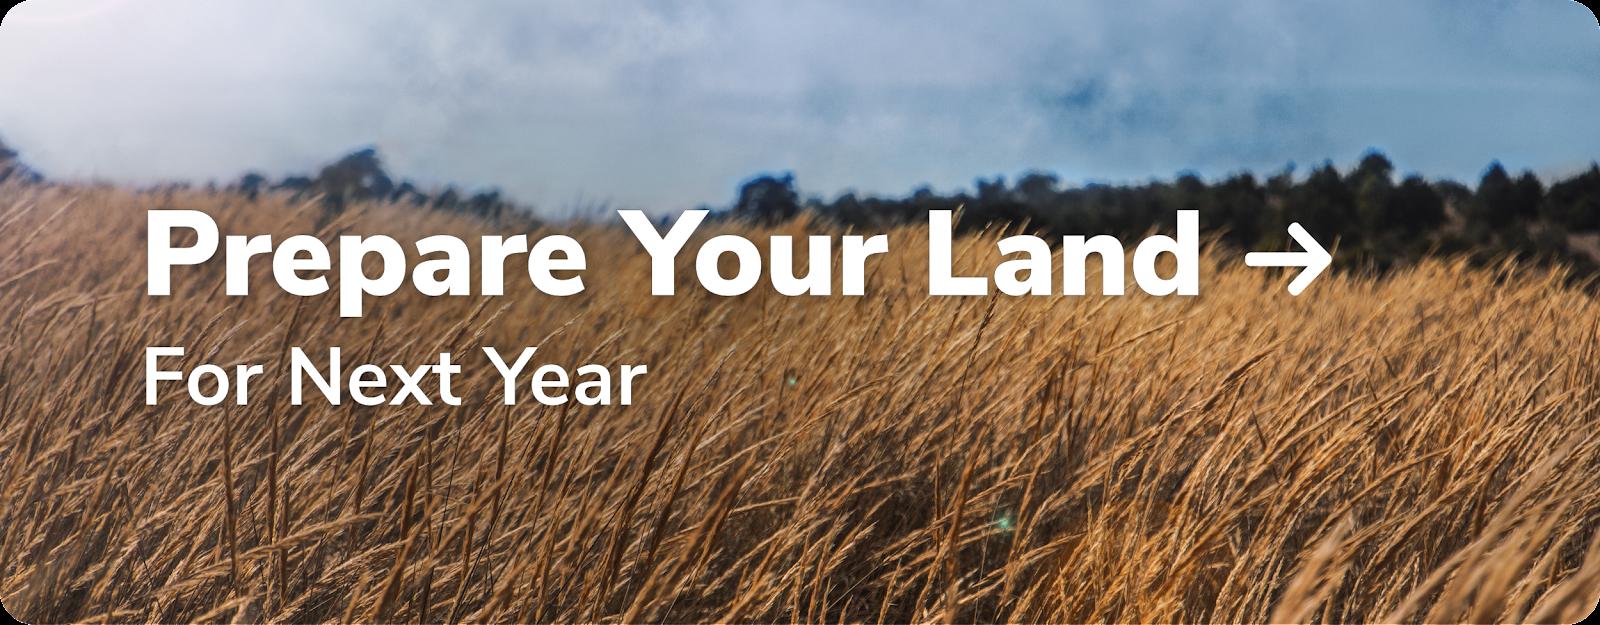 prepare your land